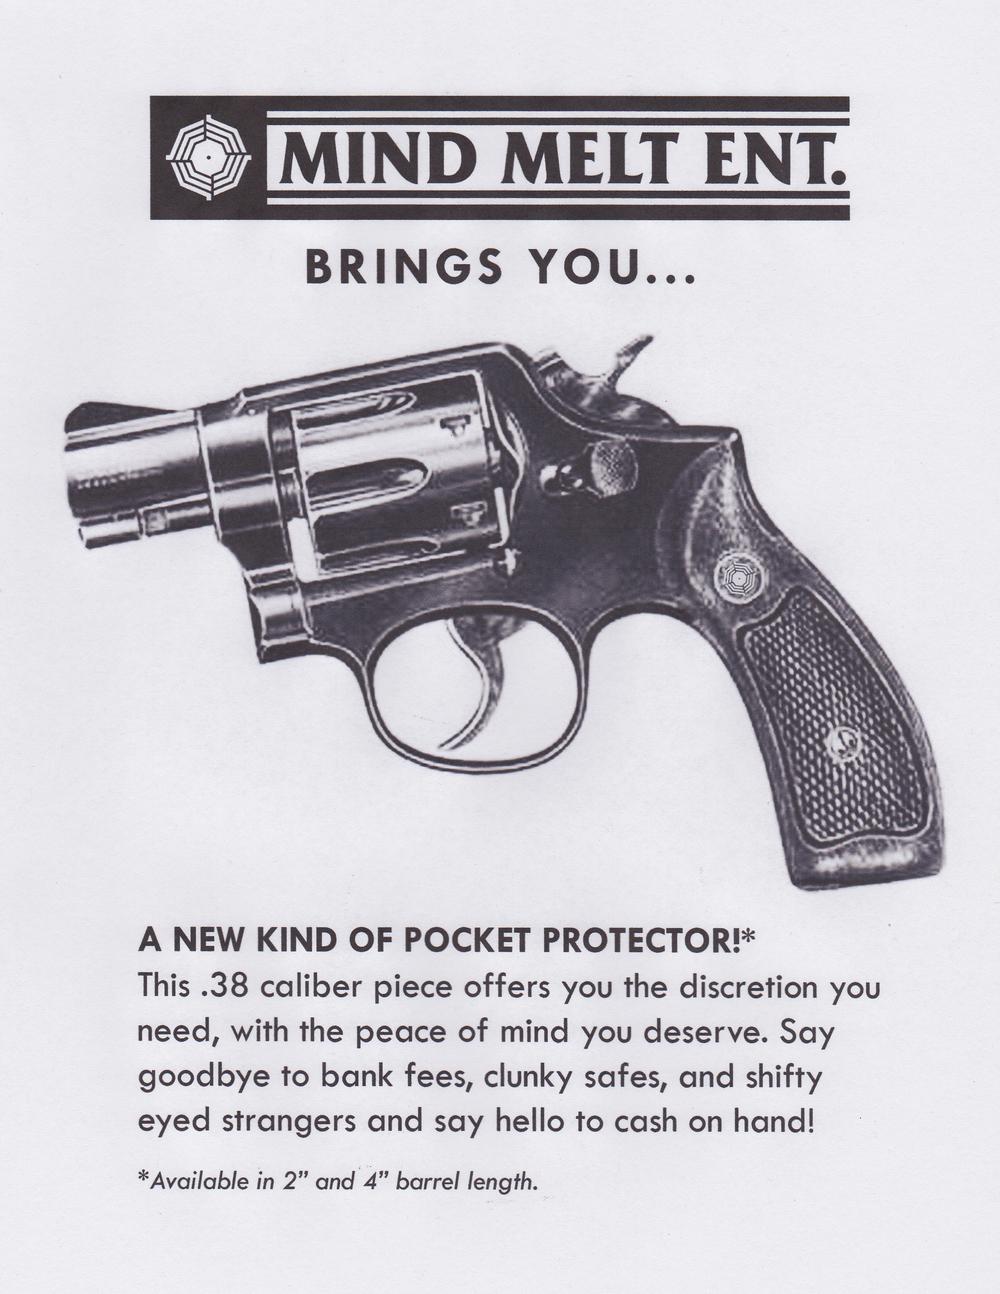 pocketprotector.jpg